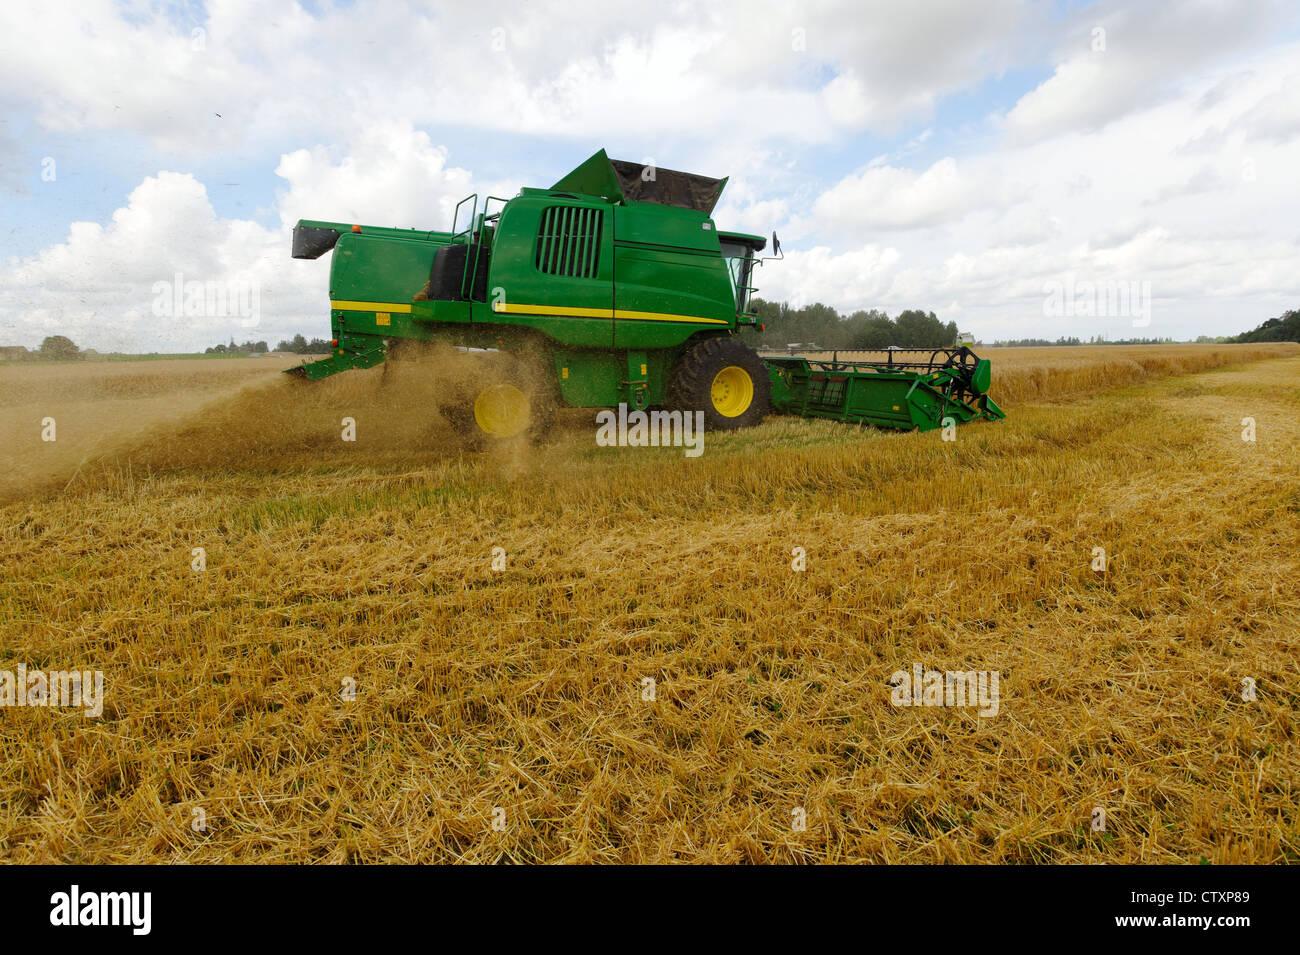 La récolte de maïs orge avec reaper, août. Photo Stock